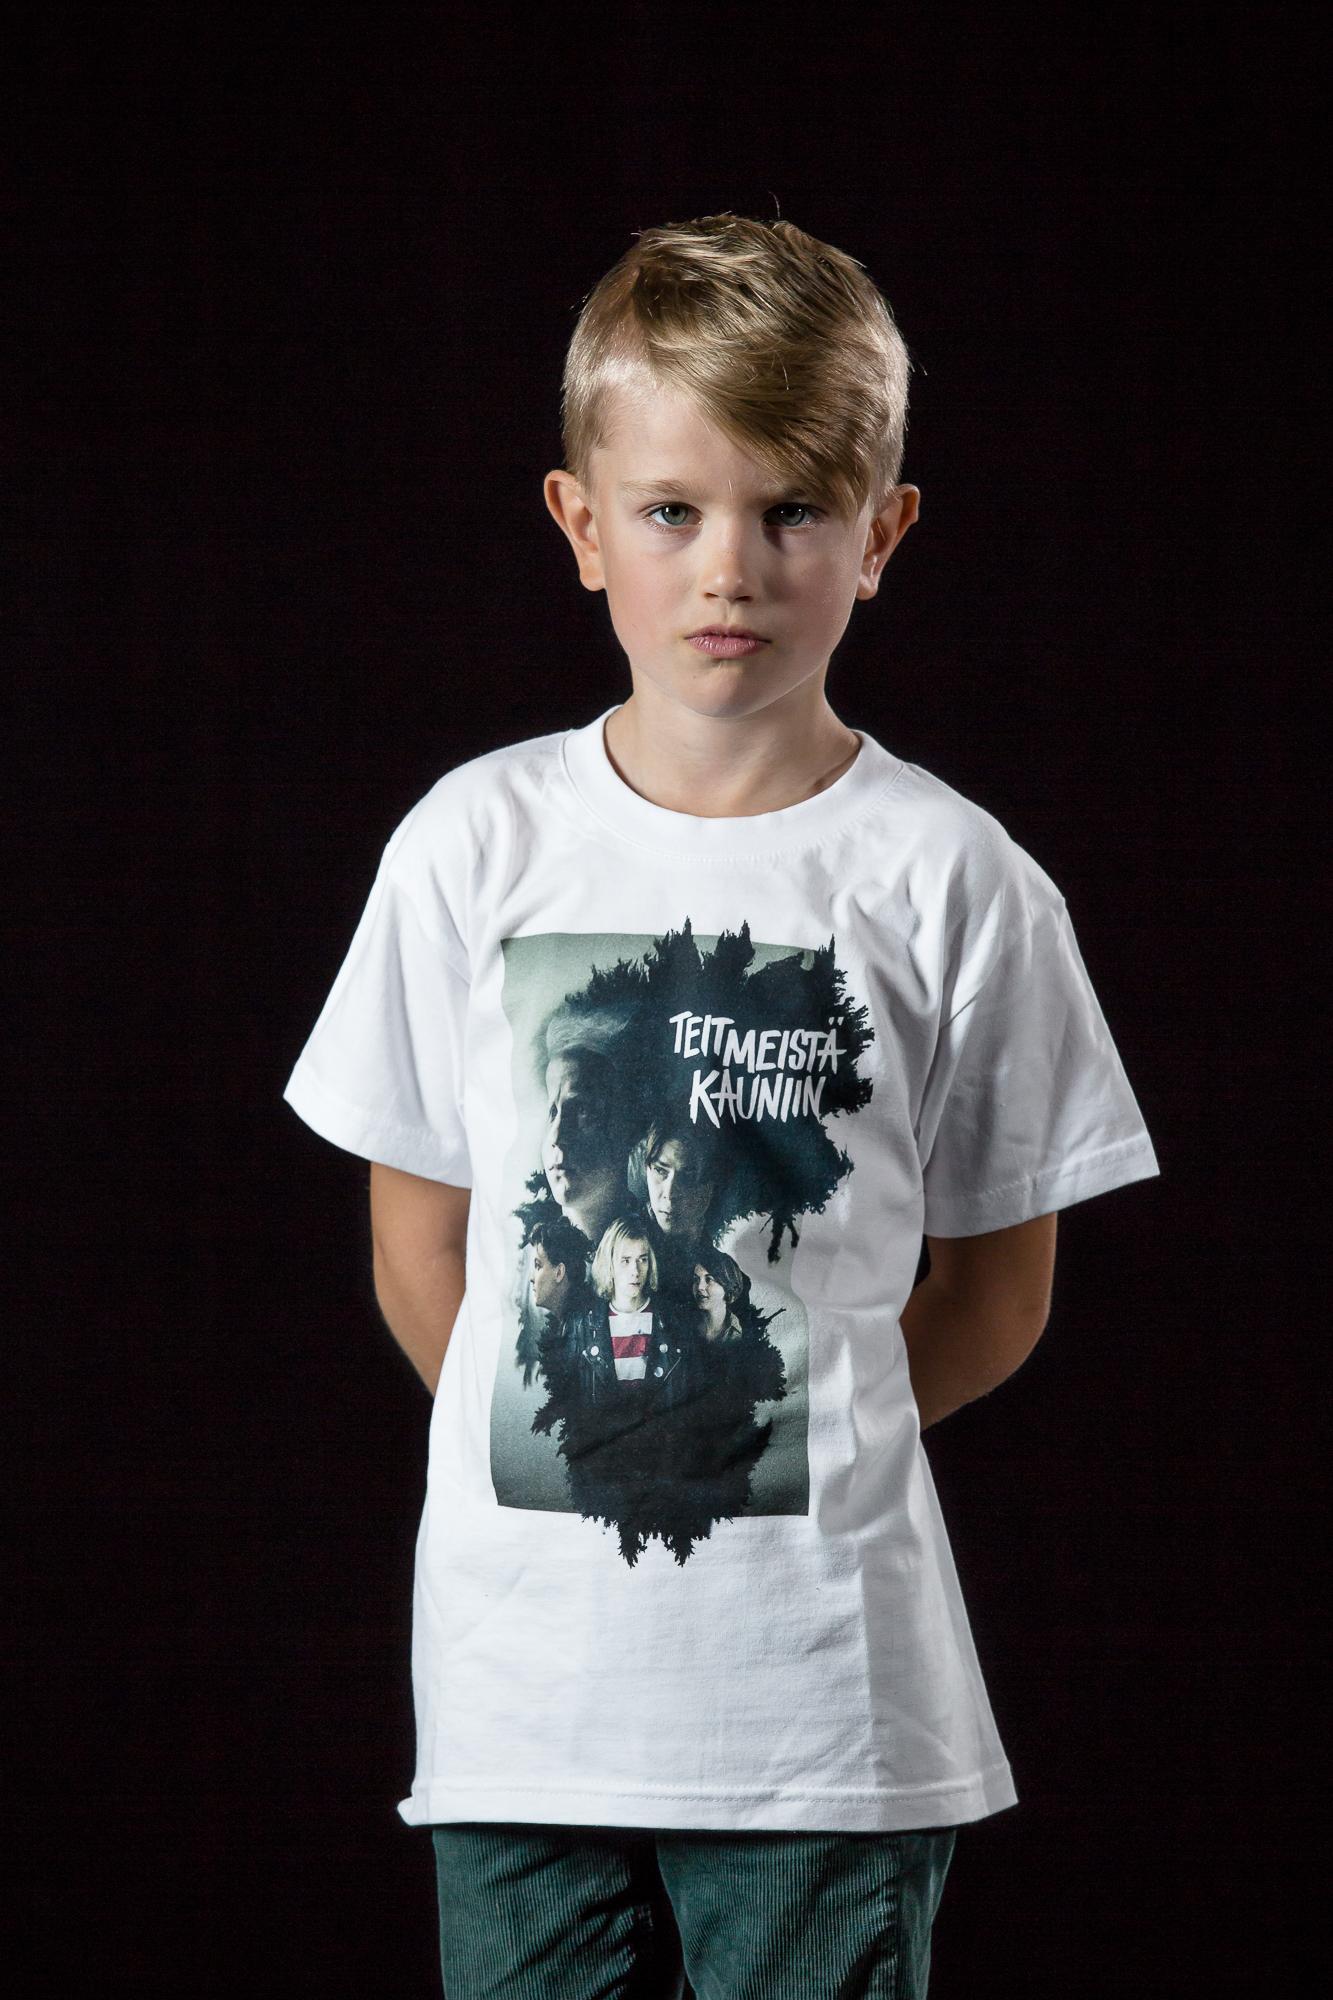 Juliste-paita lasten 122-128cm valkoinen - unisex